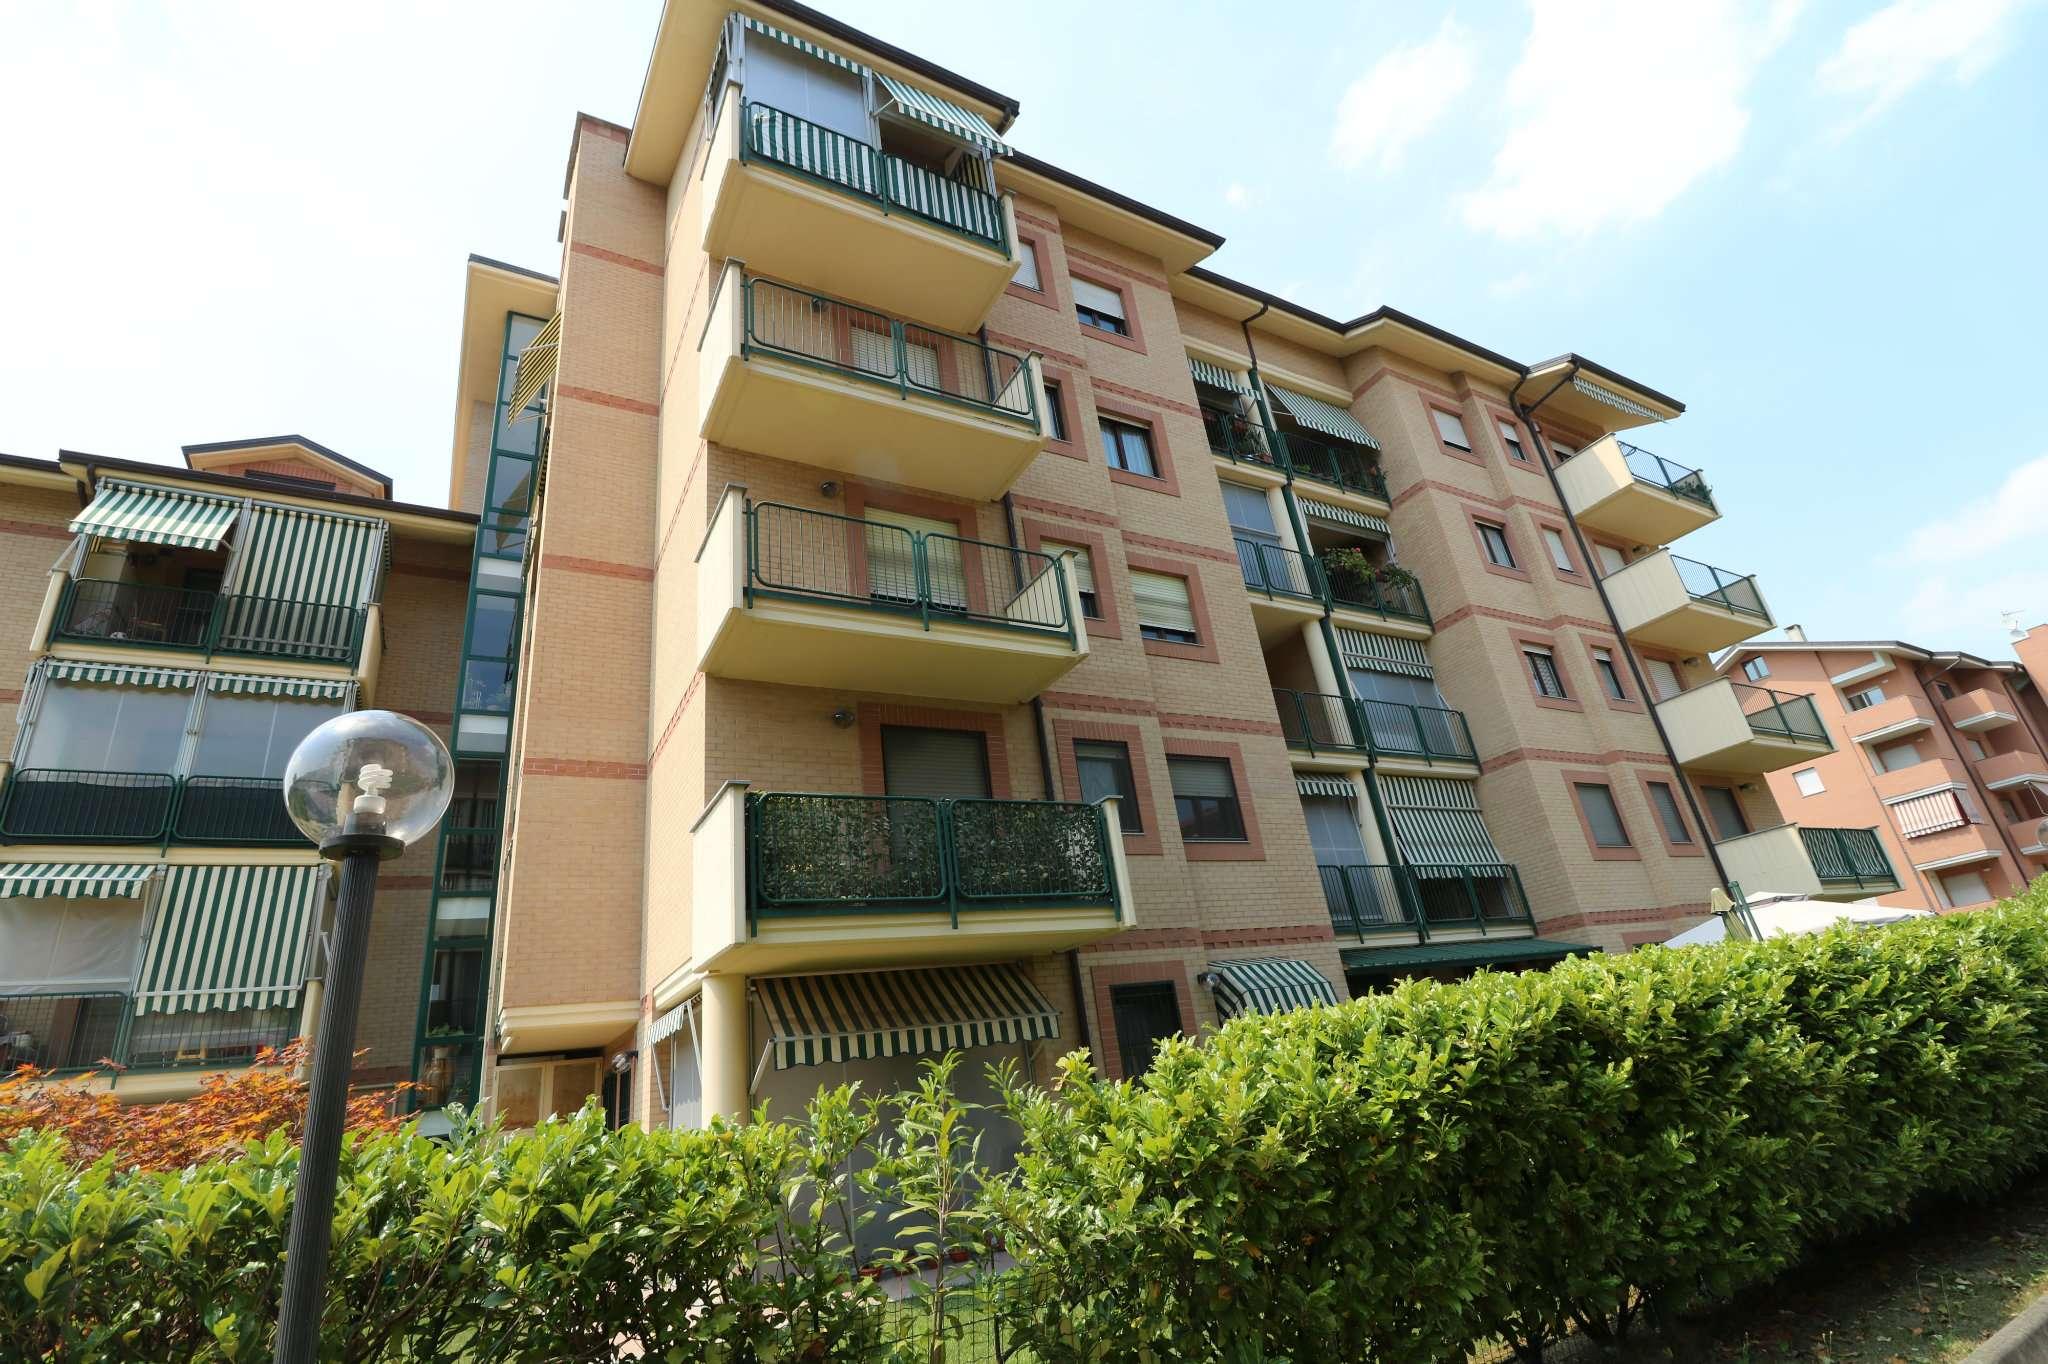 Appartamento in vendita a Rivalta di Torino, 4 locali, prezzo € 237.000 | CambioCasa.it